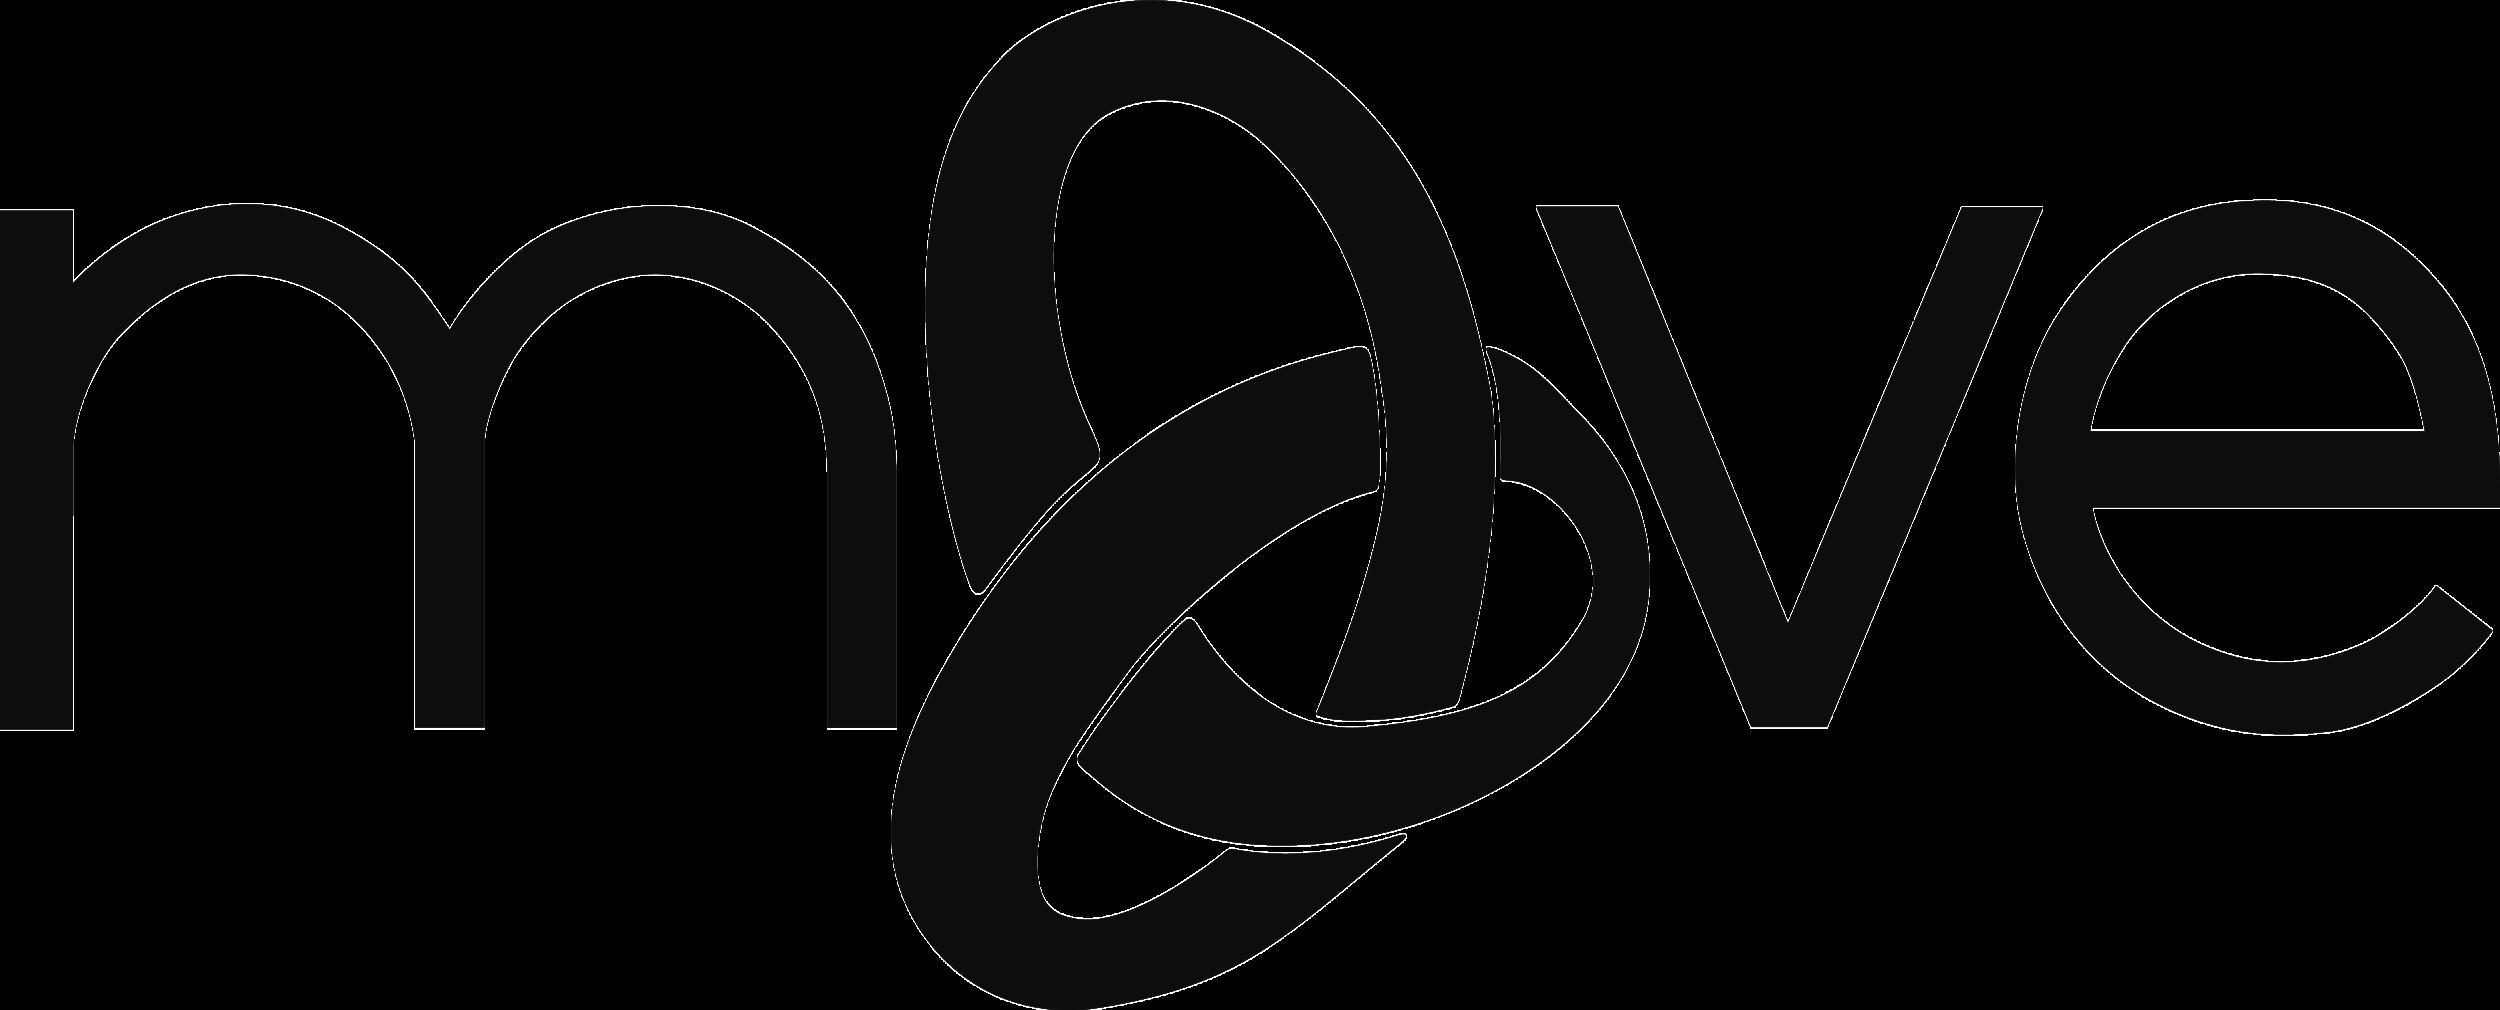 CIY_Move_Logo blk.png